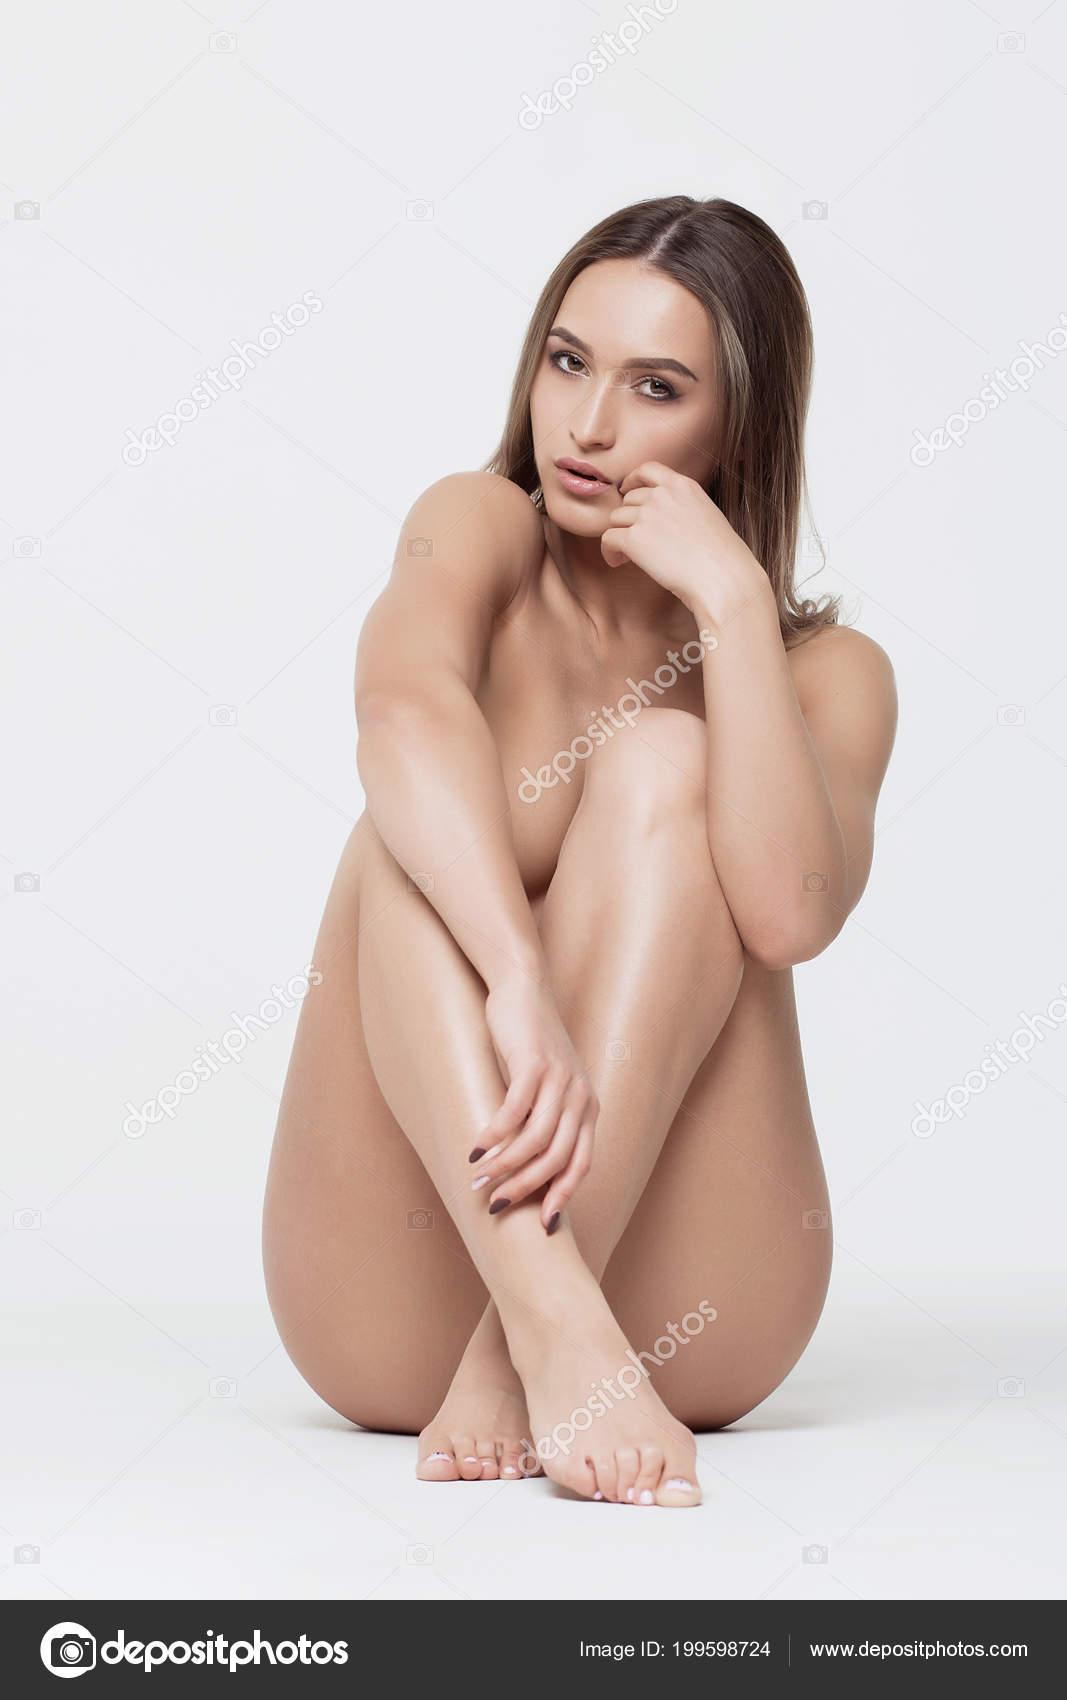 σέξι και γυμνή φωτογραφίες wat είναι πρωκτικό σεξ